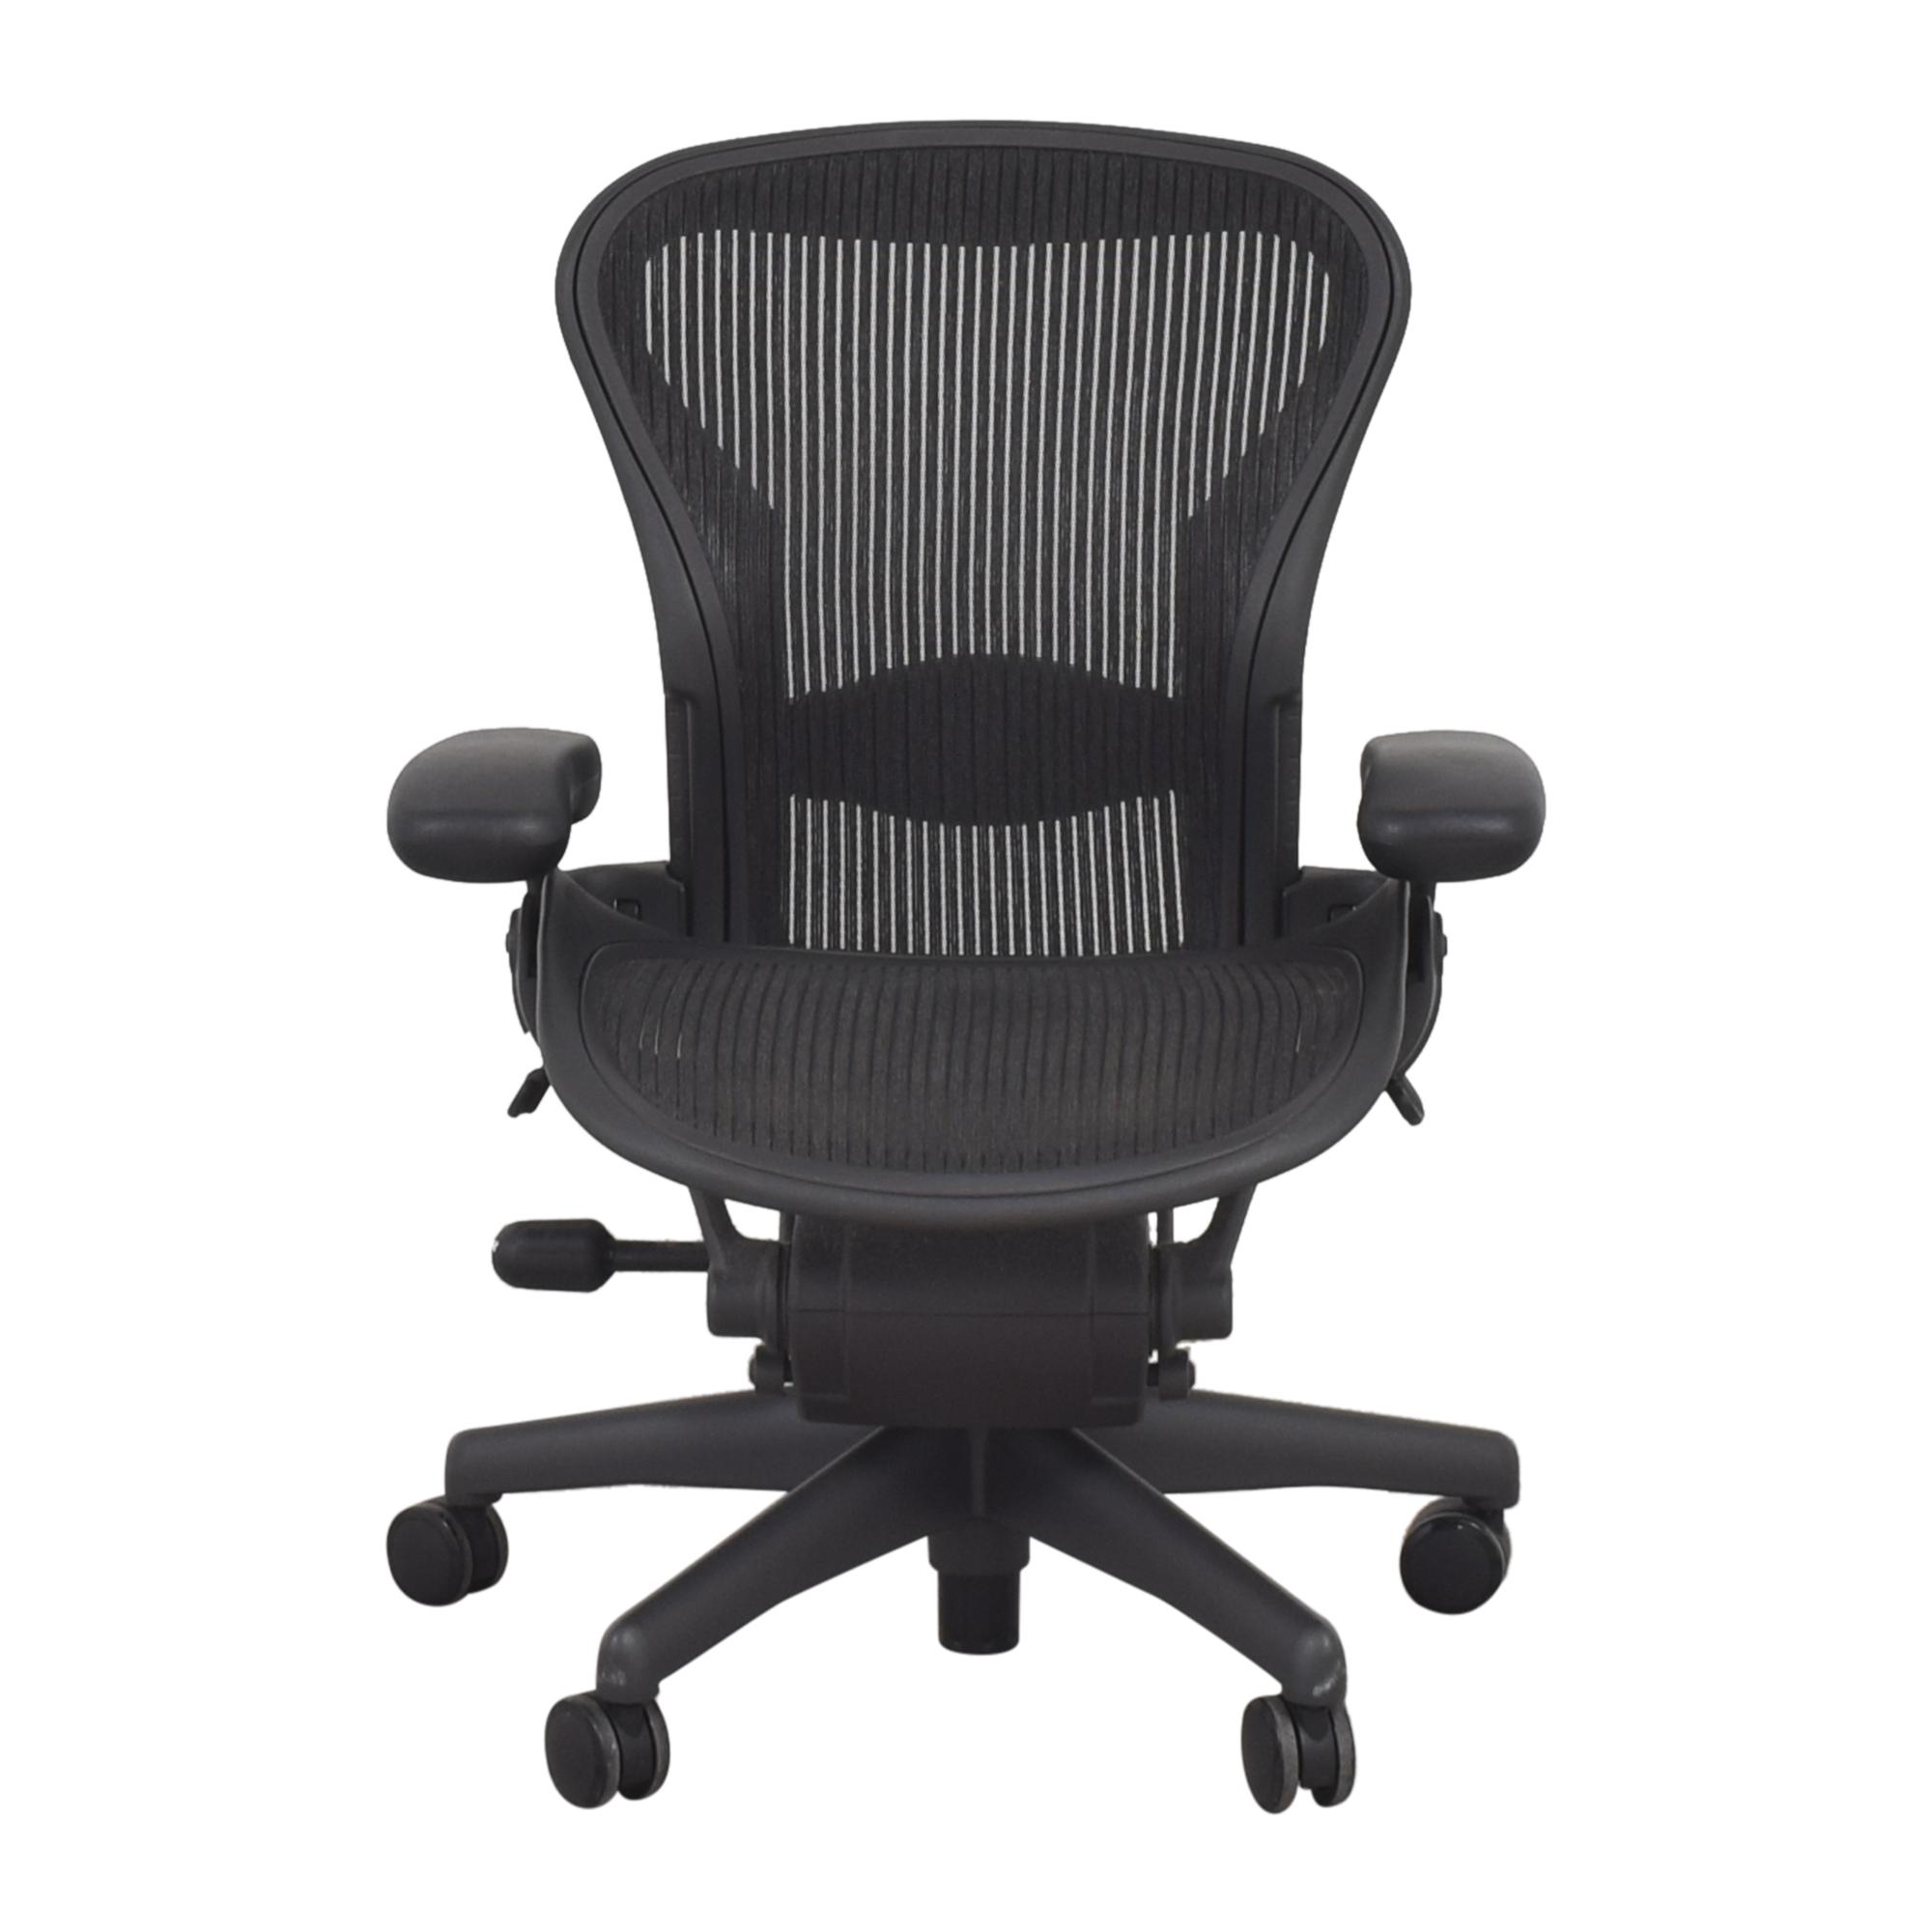 Herman Miller Herman Miller Size A Aeron Chair black